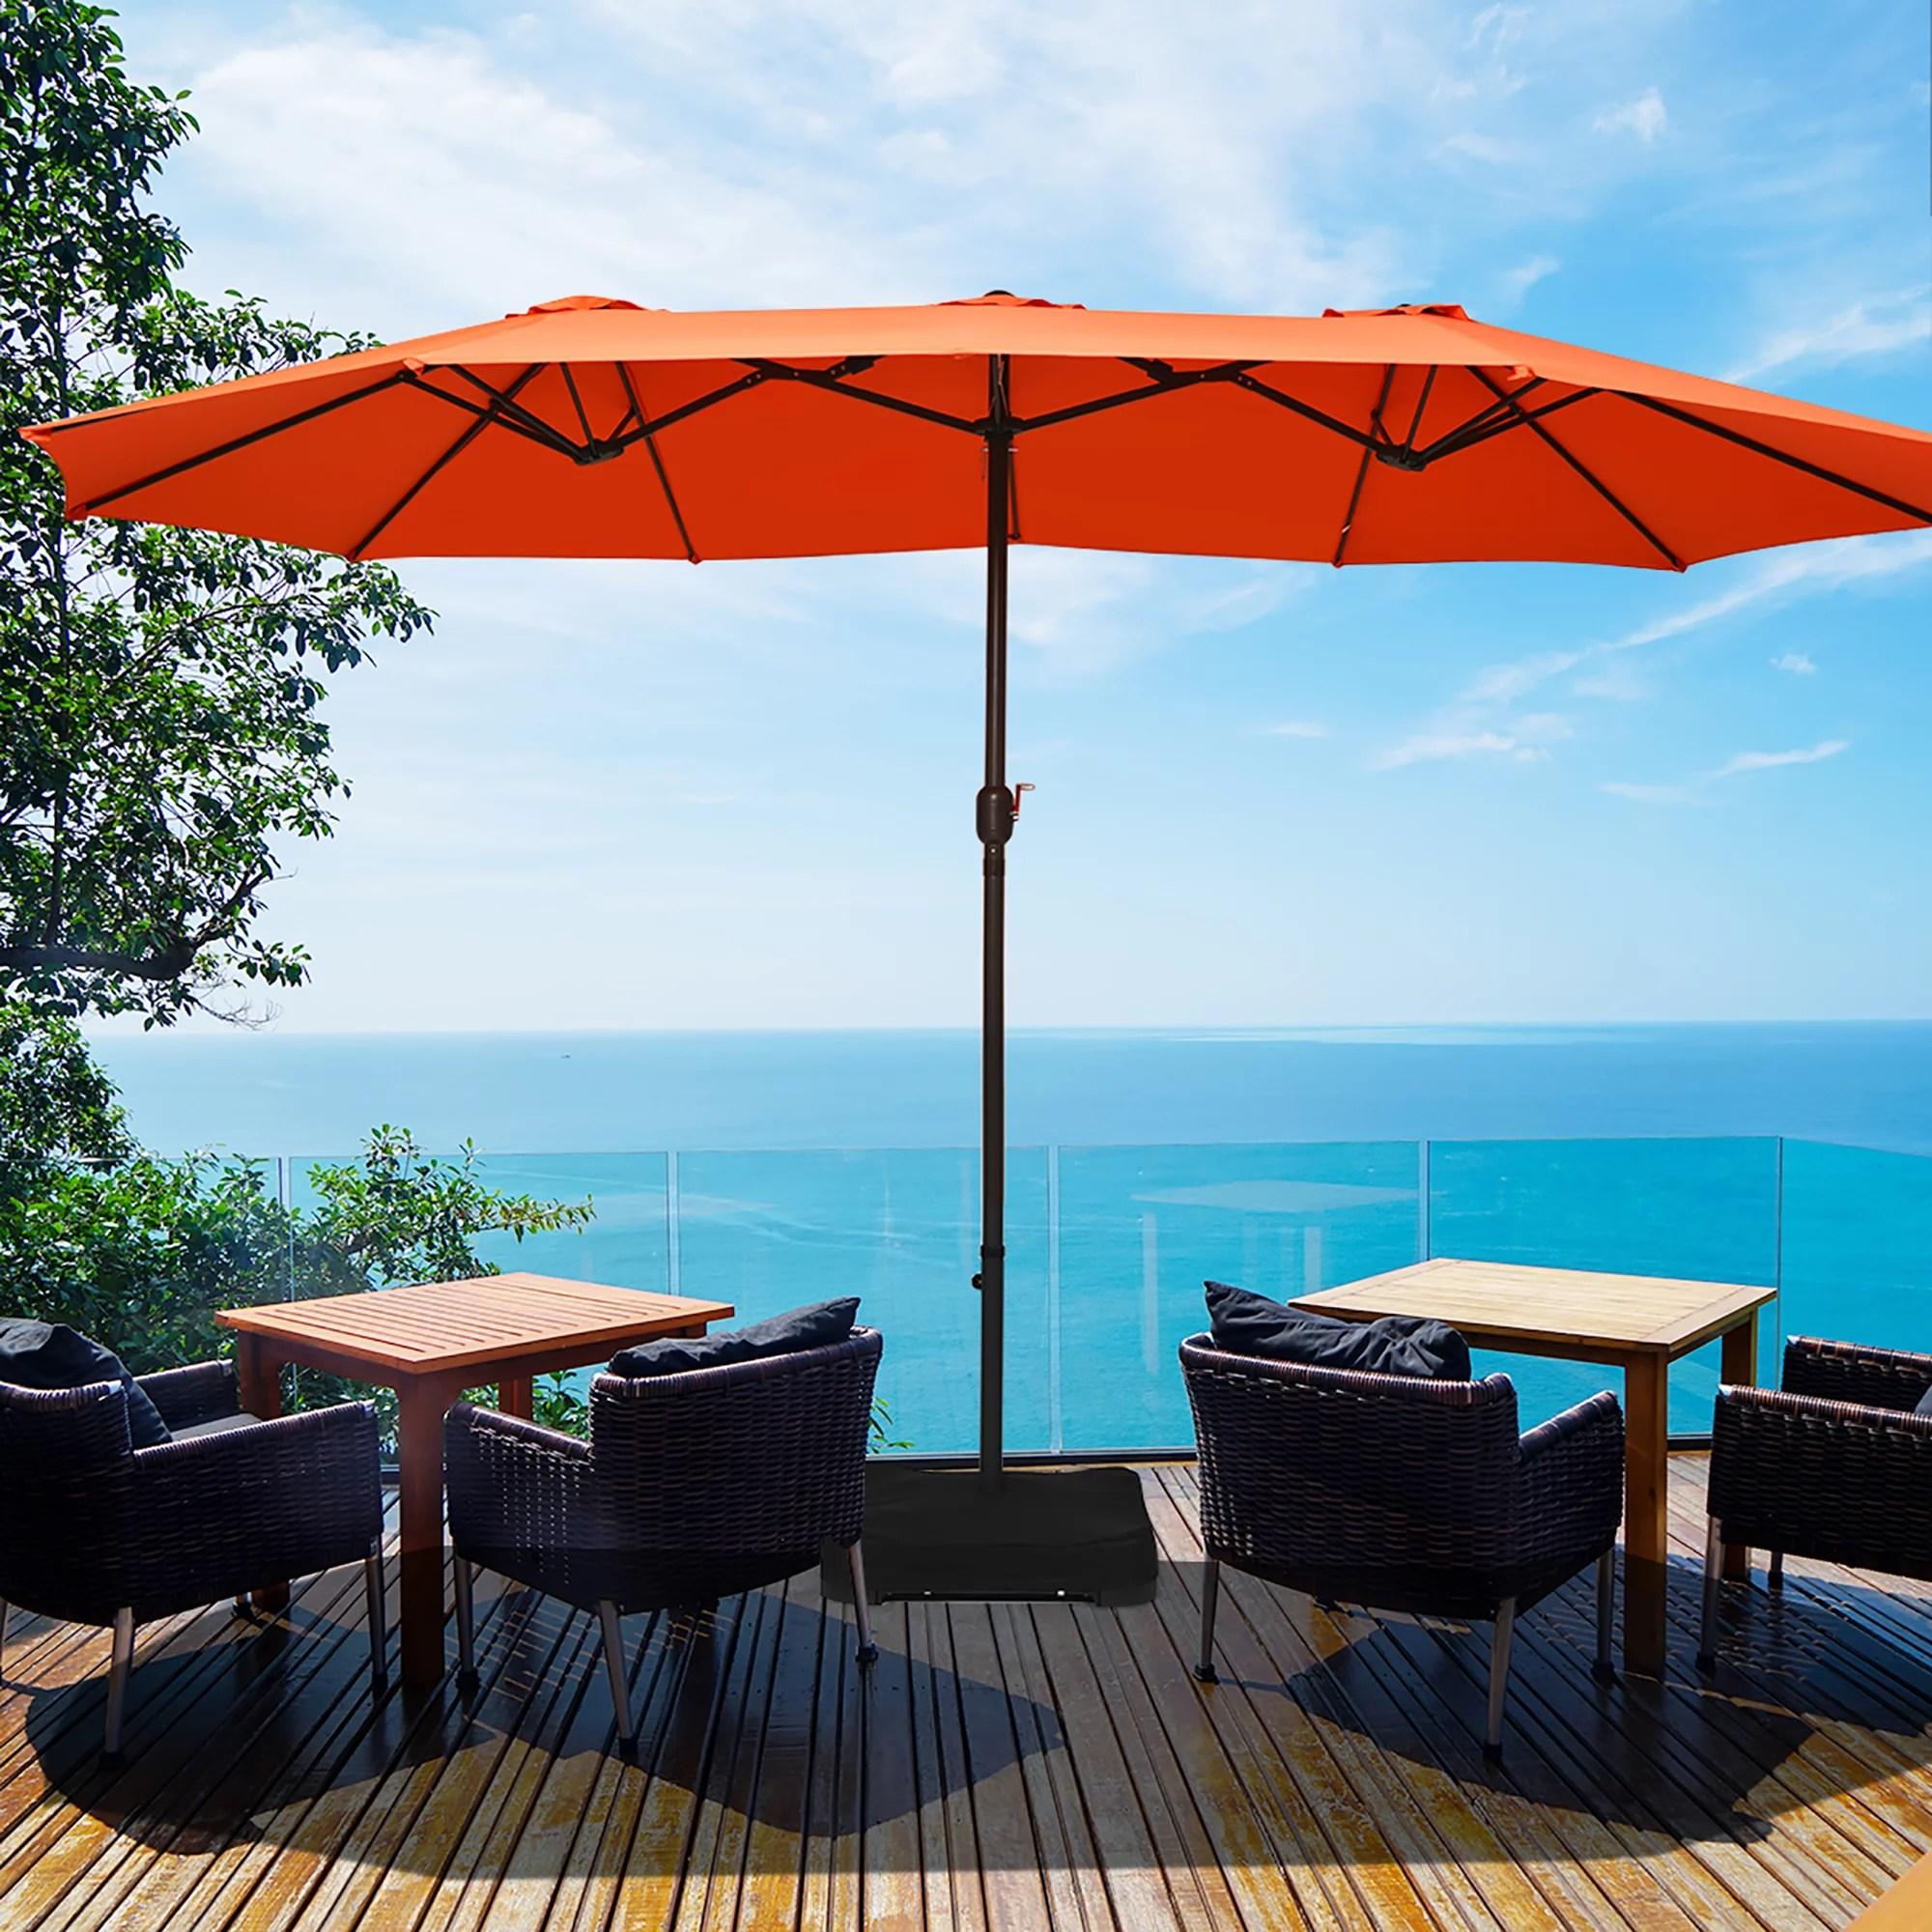 costway 15 ft patio double sided umbrella outdoor market umbrella beigetanorangeburgundy